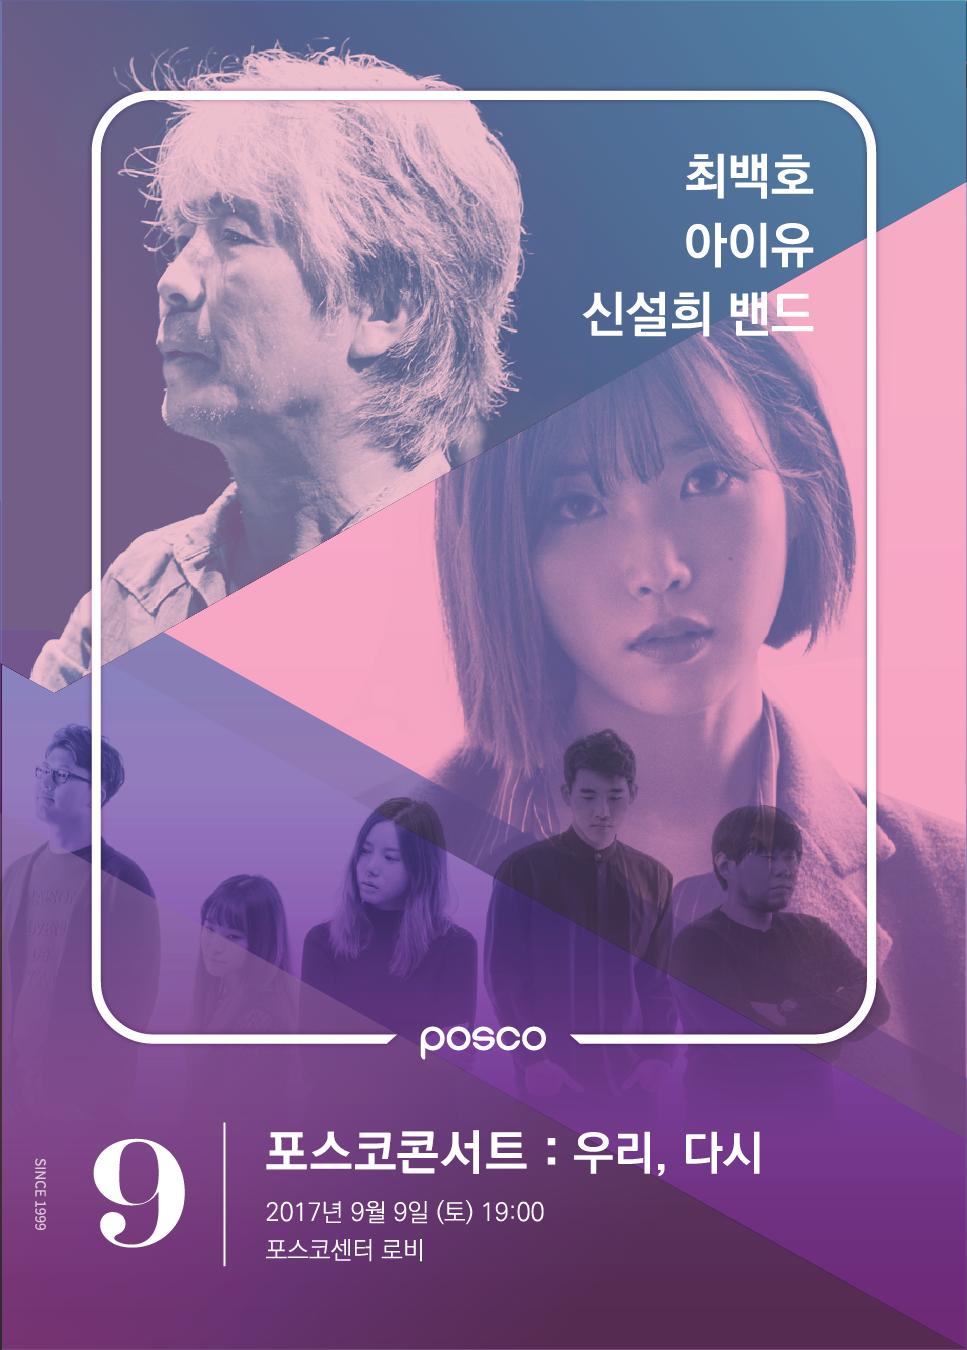 최백호 아이유 신설희밴드 포스코콘서트 : 우리,다시 2017년 9월 9일 19:00 포스코센터 로비